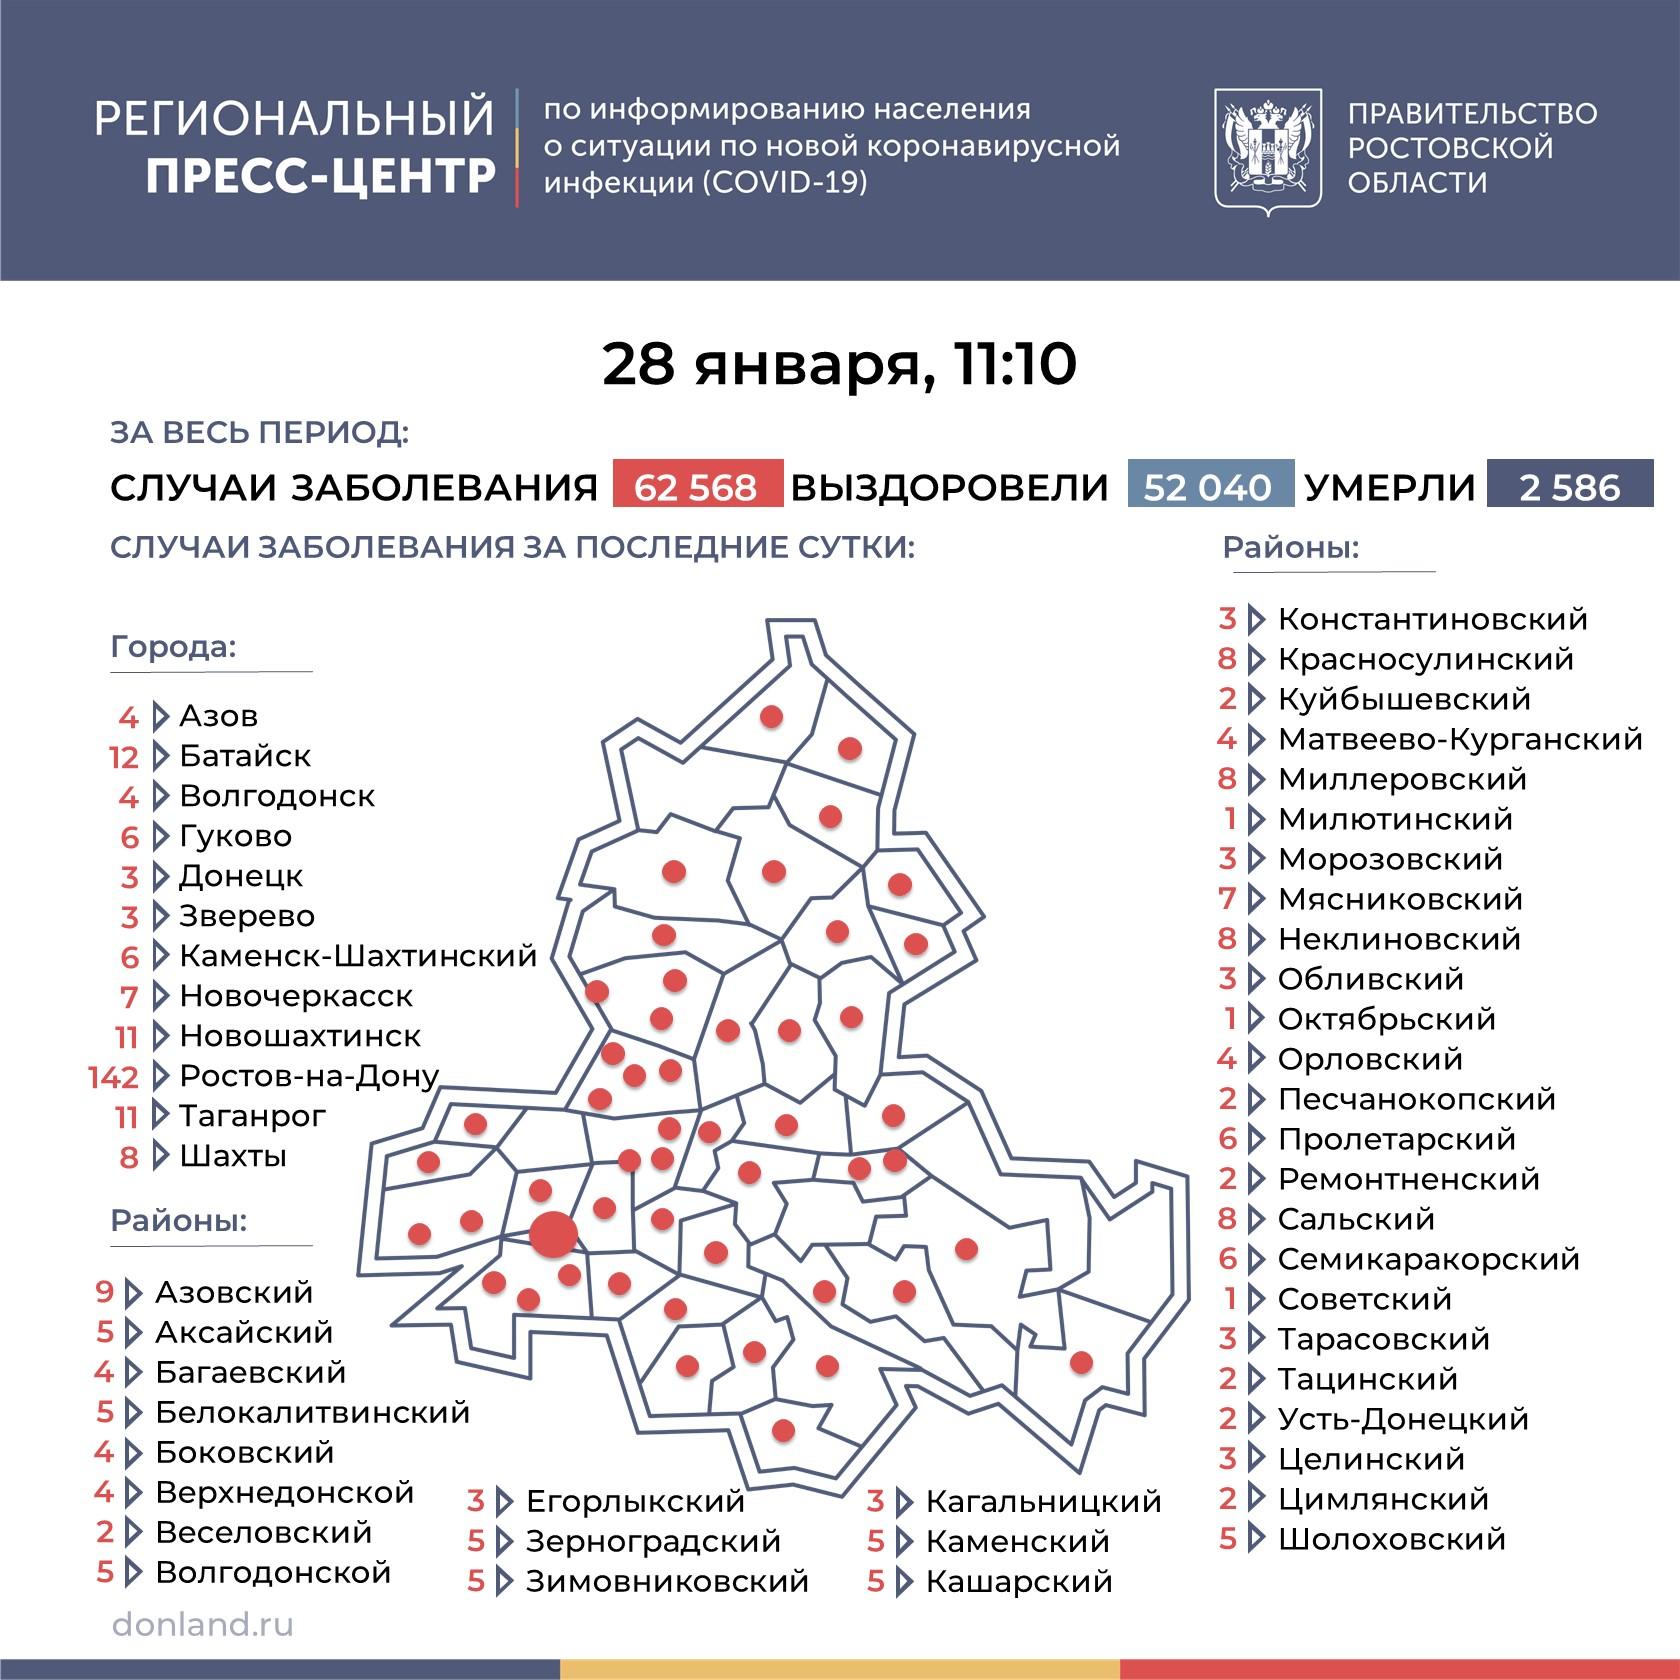 Еще 11 человек заболели коронавирусом в Таганроге